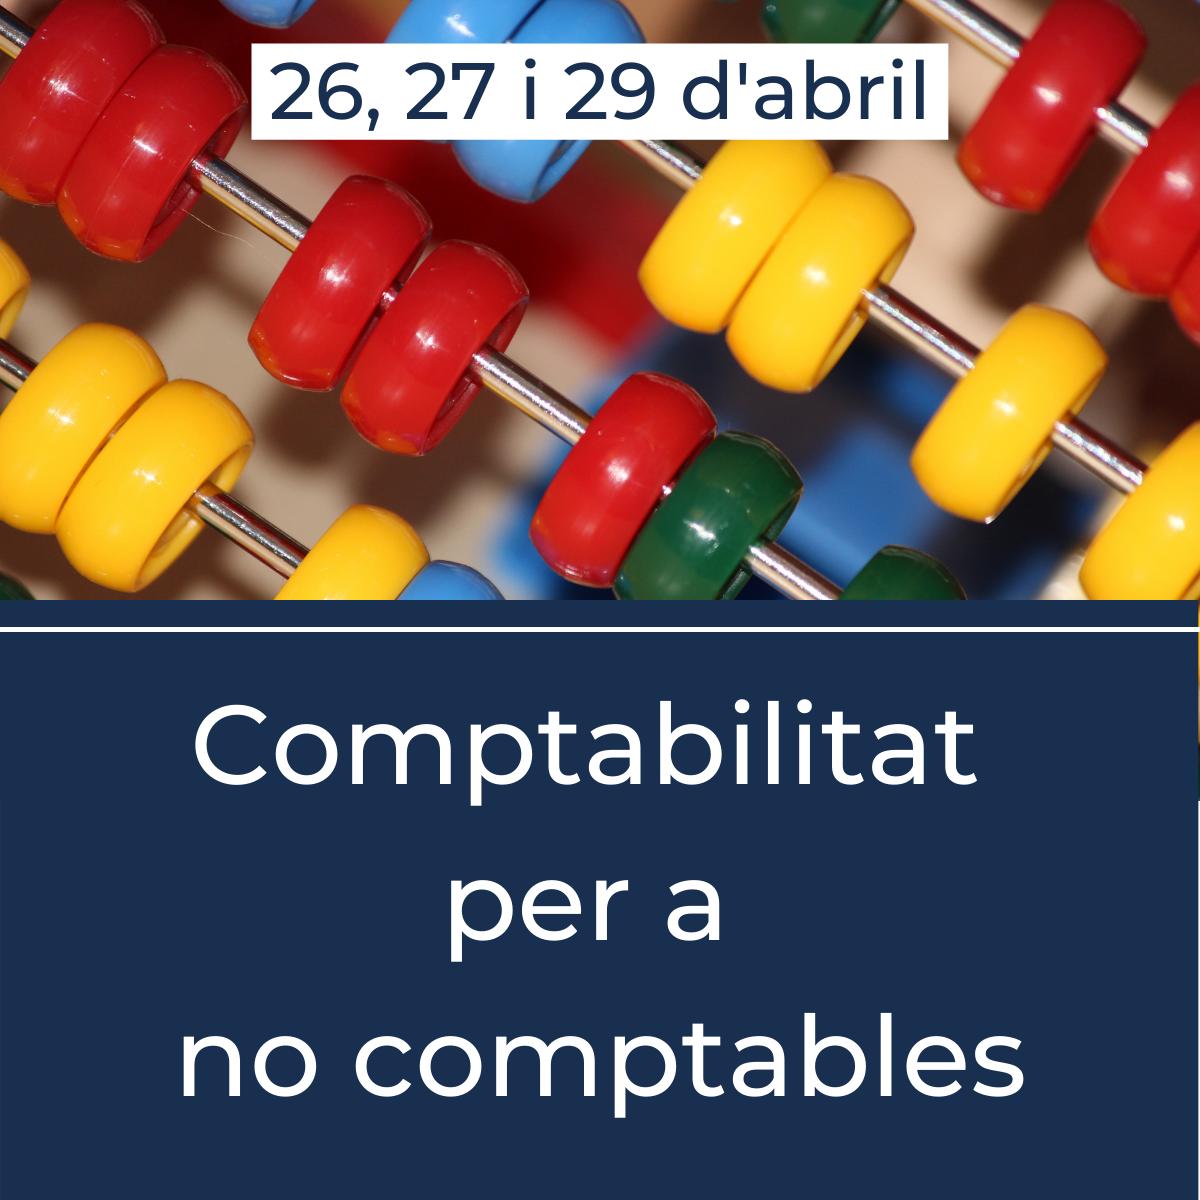 Comptabilitat per no comptable